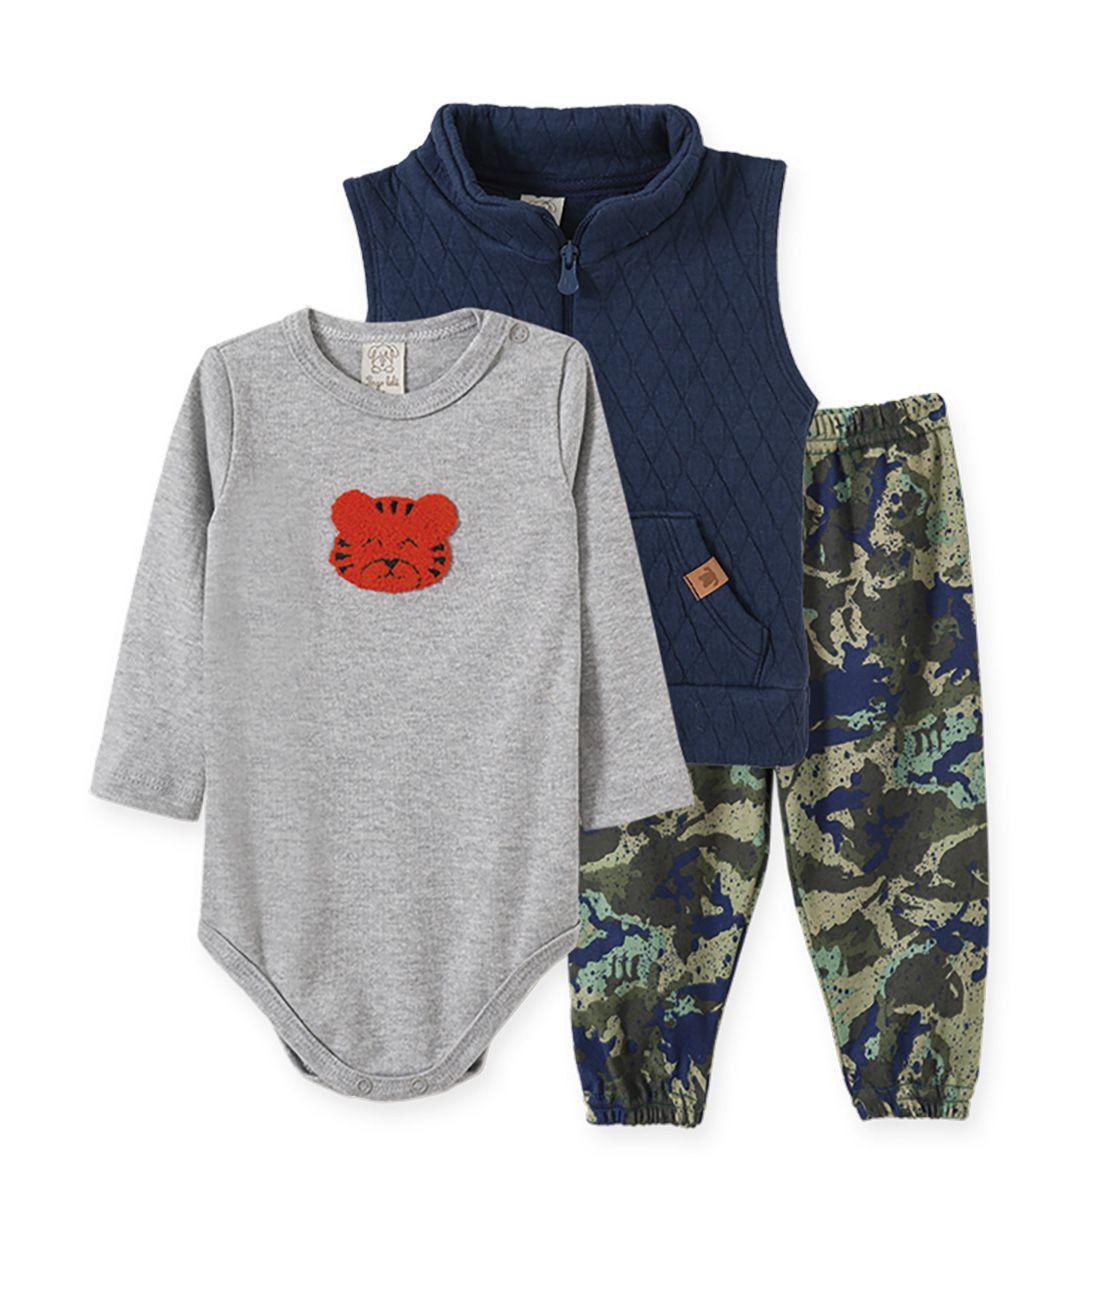 Conjunto Body manga longa, Calça e Colete Metalassê Pingo Lelê marinho, mescla e camuflado